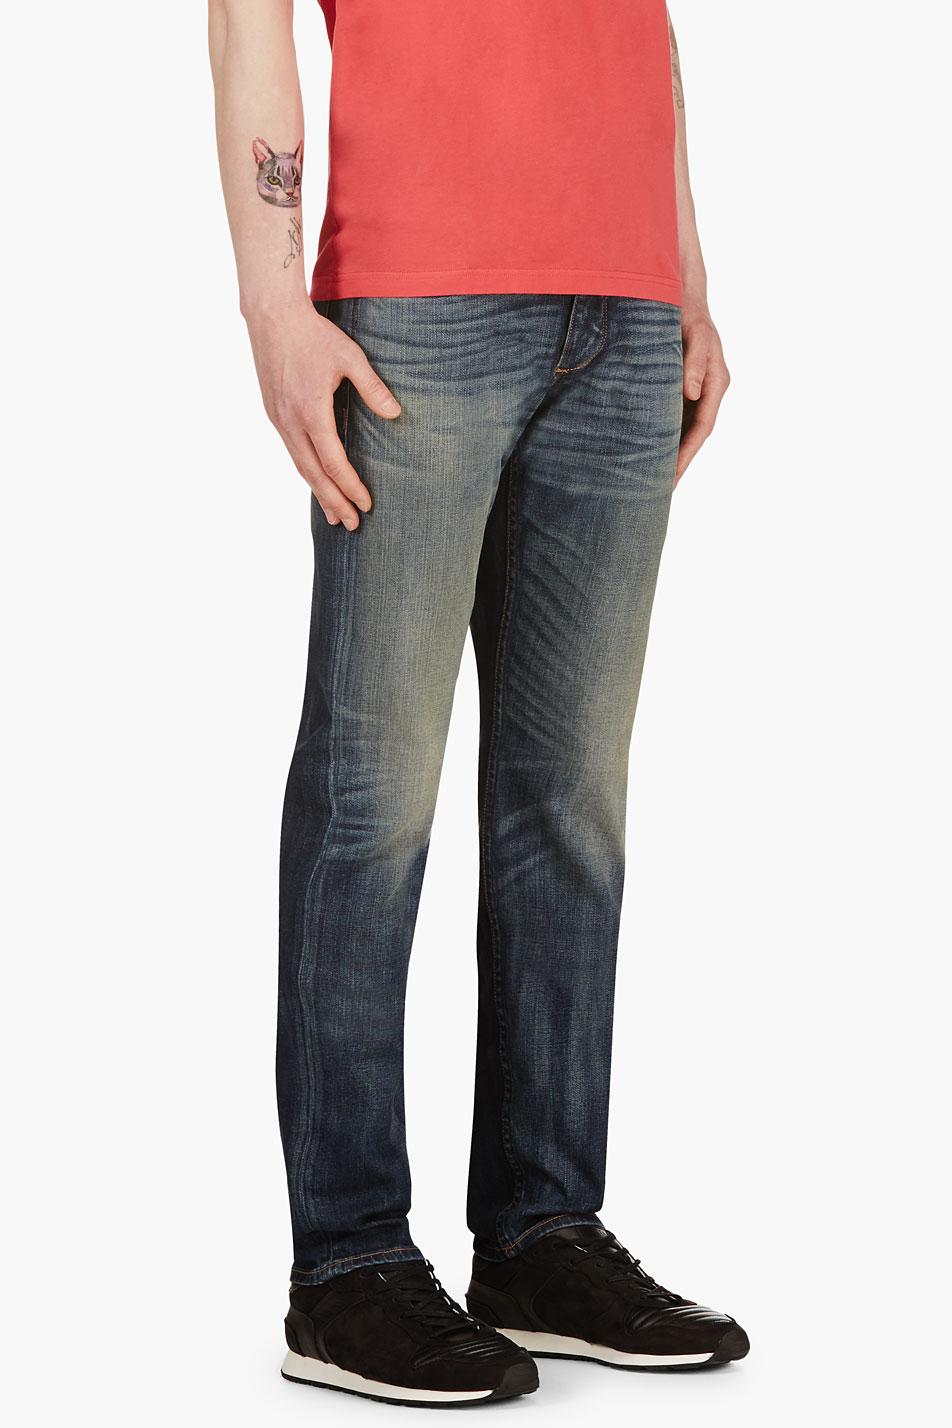 lyst rag bone blue low rise jay skinny jeans in blue for men. Black Bedroom Furniture Sets. Home Design Ideas